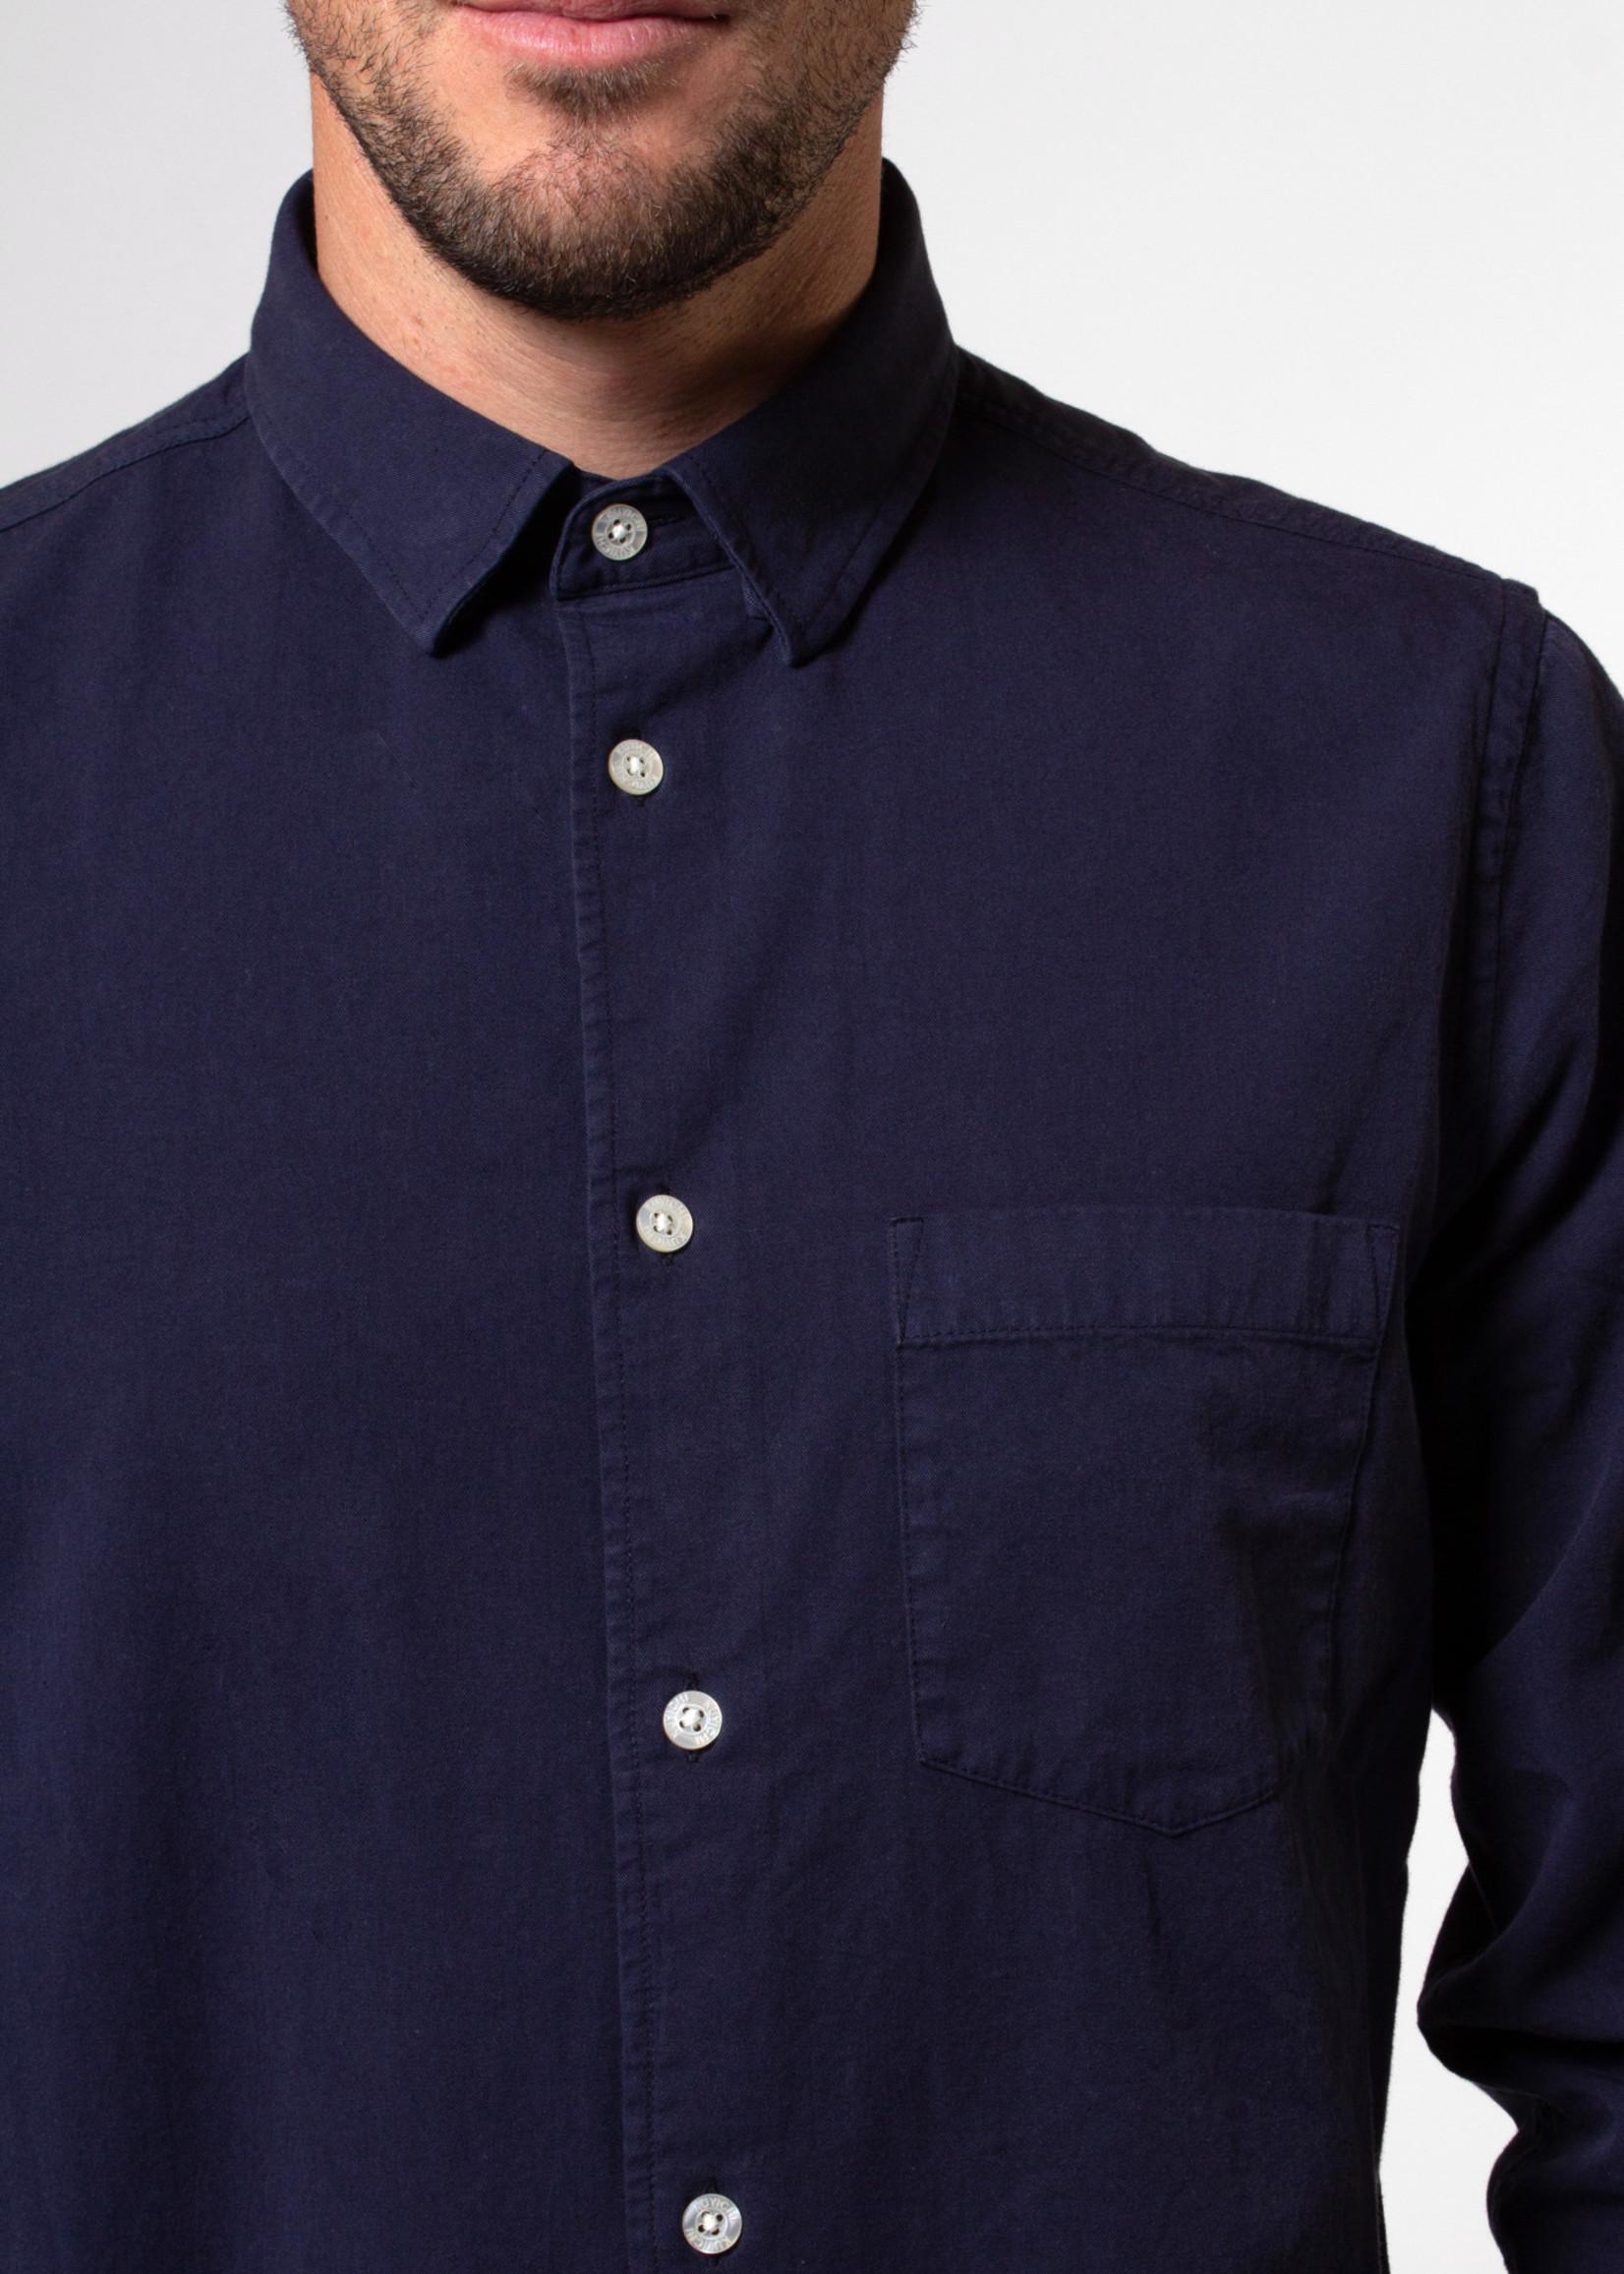 Kuyichi Nico Shirt